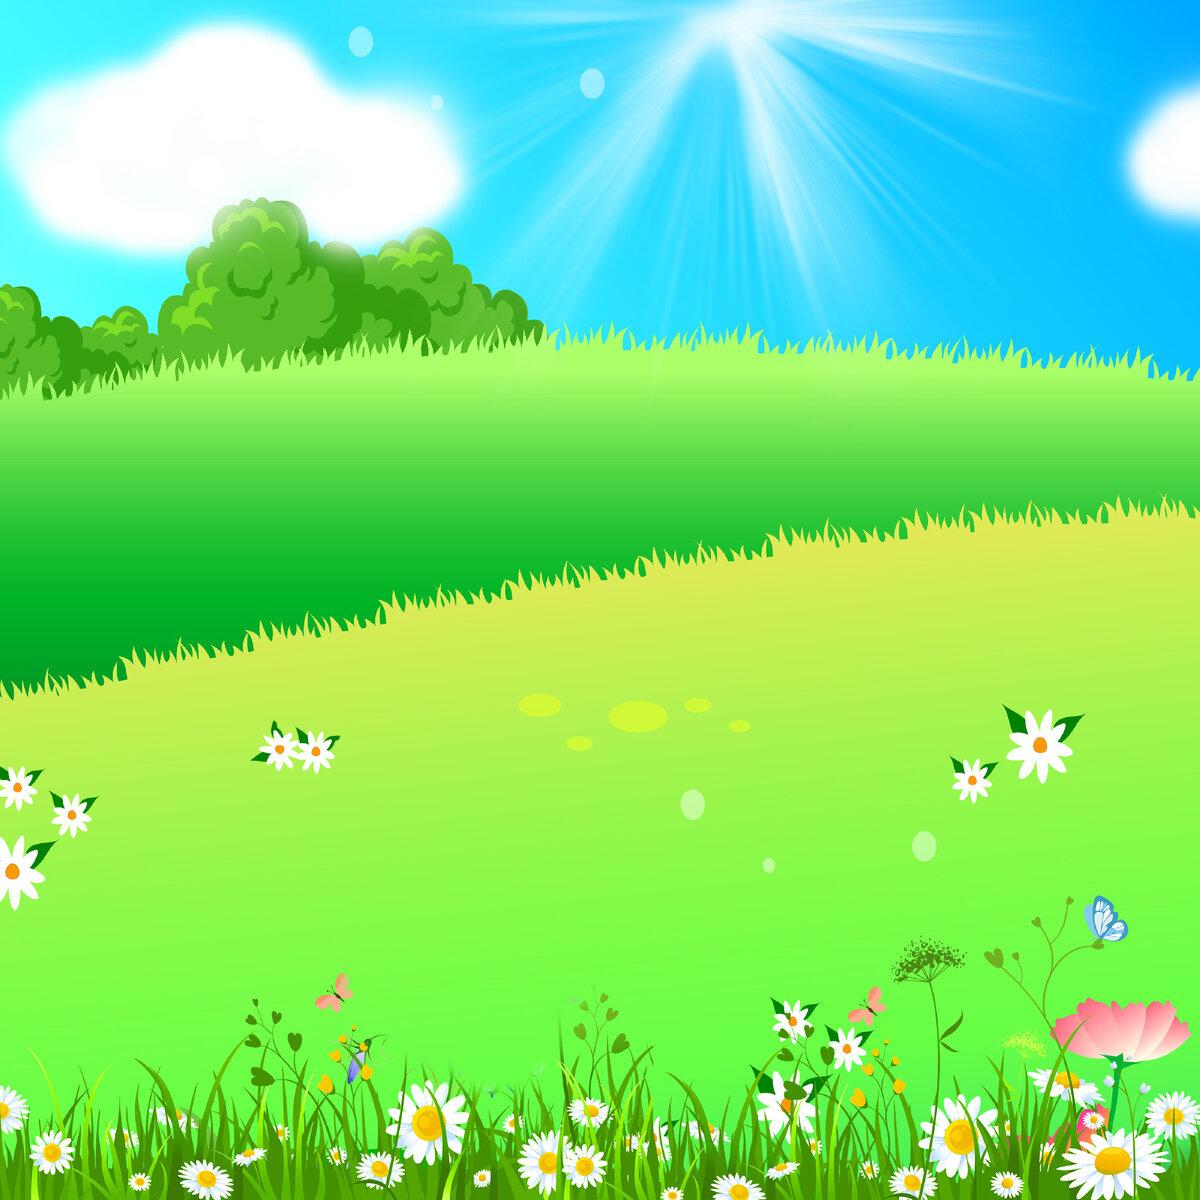 Картинка полянки для детей без фона